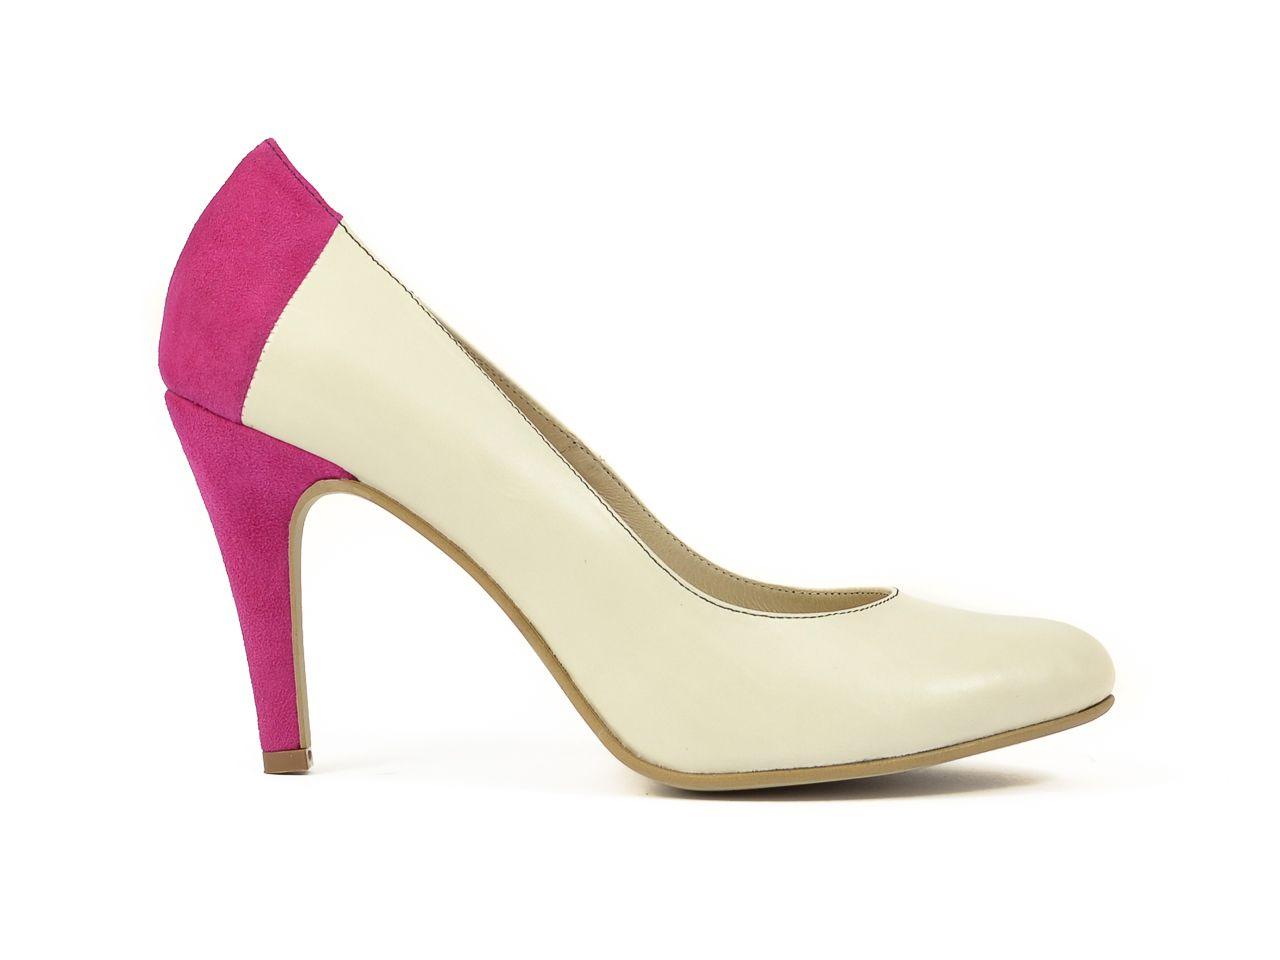 Buty Z Fun In Design Christian Louboutin Pumps Shoes Wedding Shoes